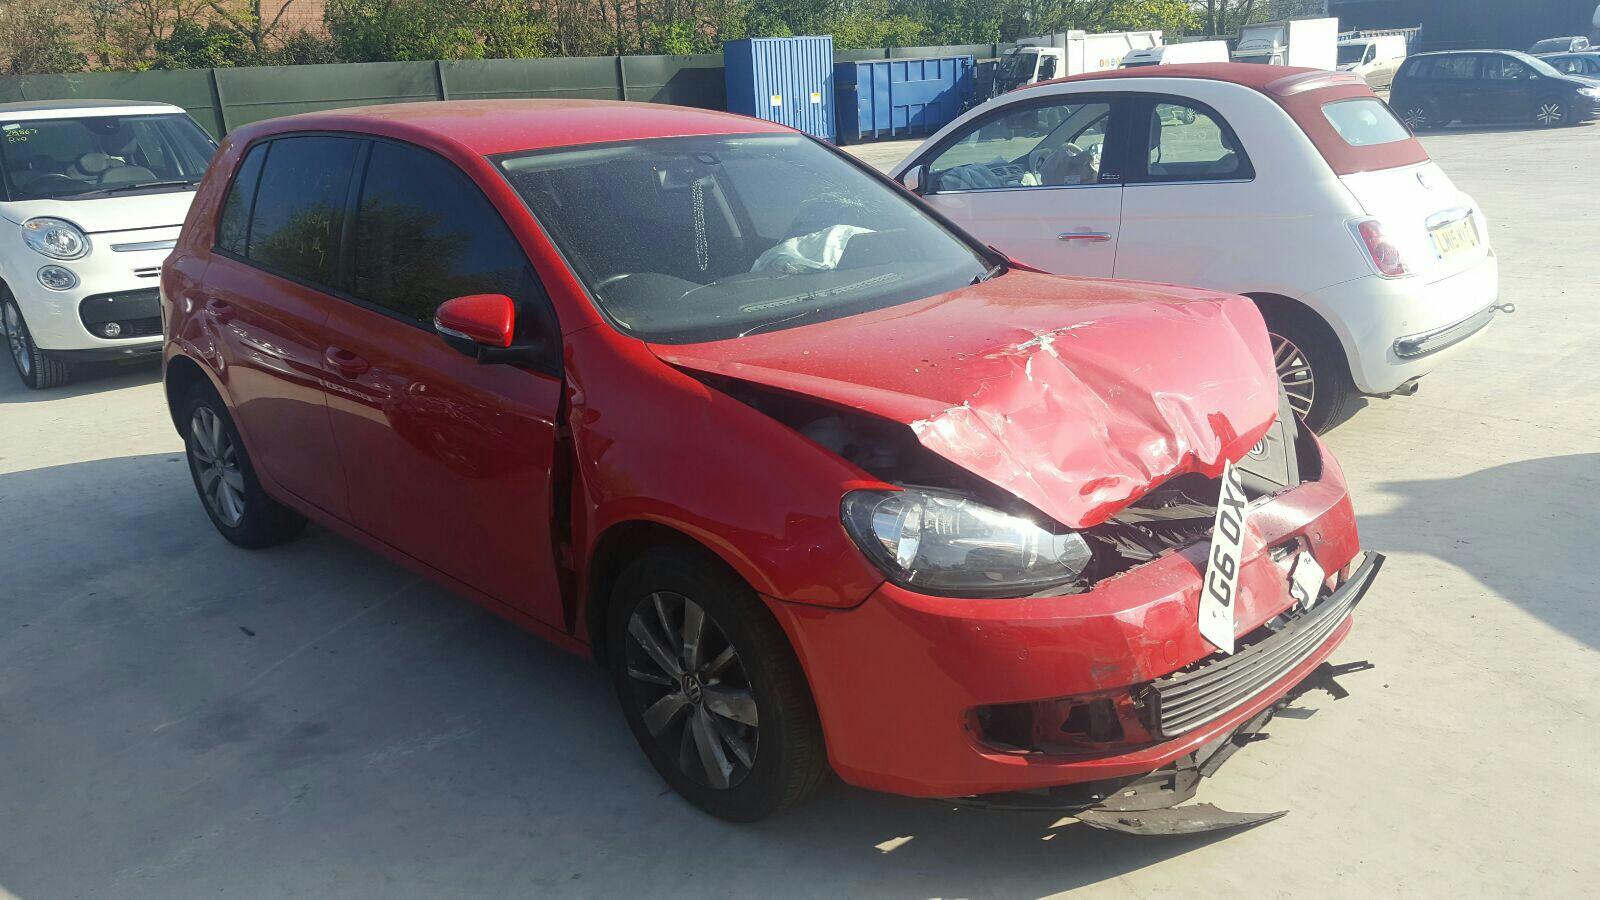 Image for a Volkswagen Golf 2011 5 Door Hatchback